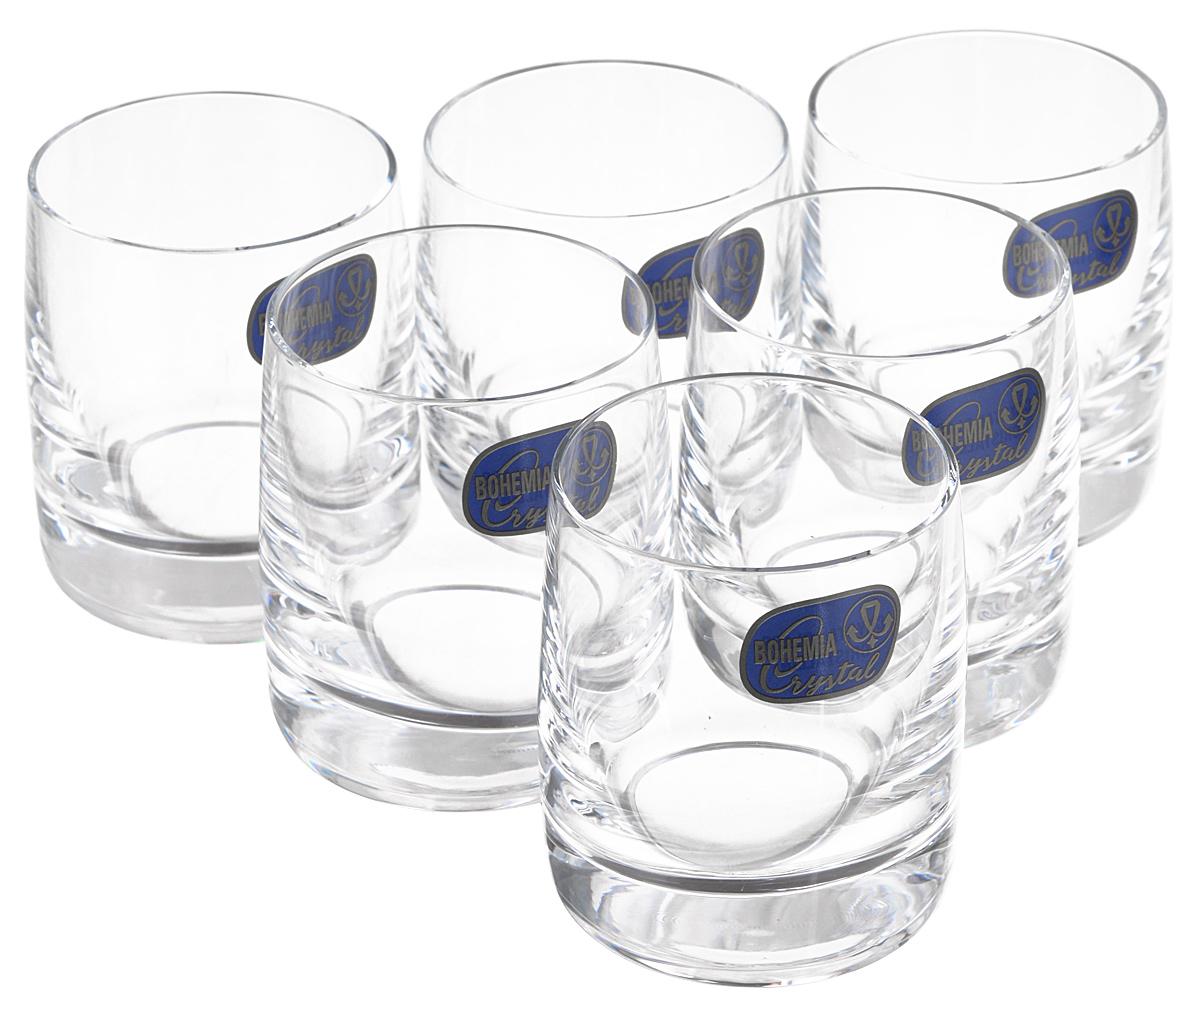 Набор стопок для водки Bohemia Crystall Идеал, 60 мл, 6 шт набор стопок для водки сильвана греция из 6 шт 60 мл